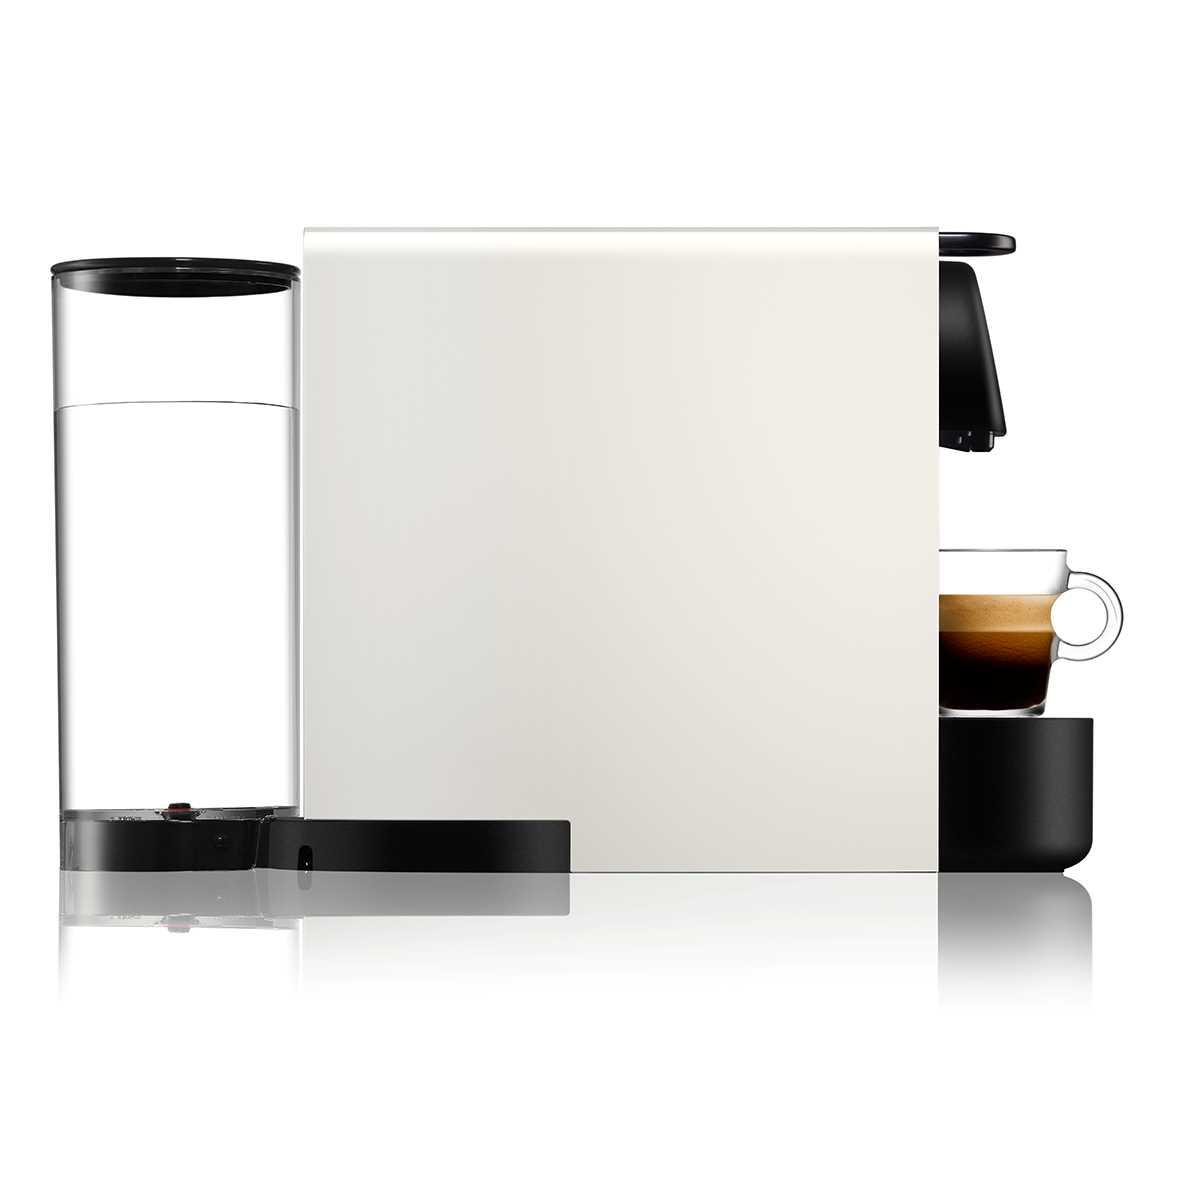 מכונת קפה NESPRESSO Essenza Plus C45 עם מקציף חלב - צבע לבן - תמונה 3